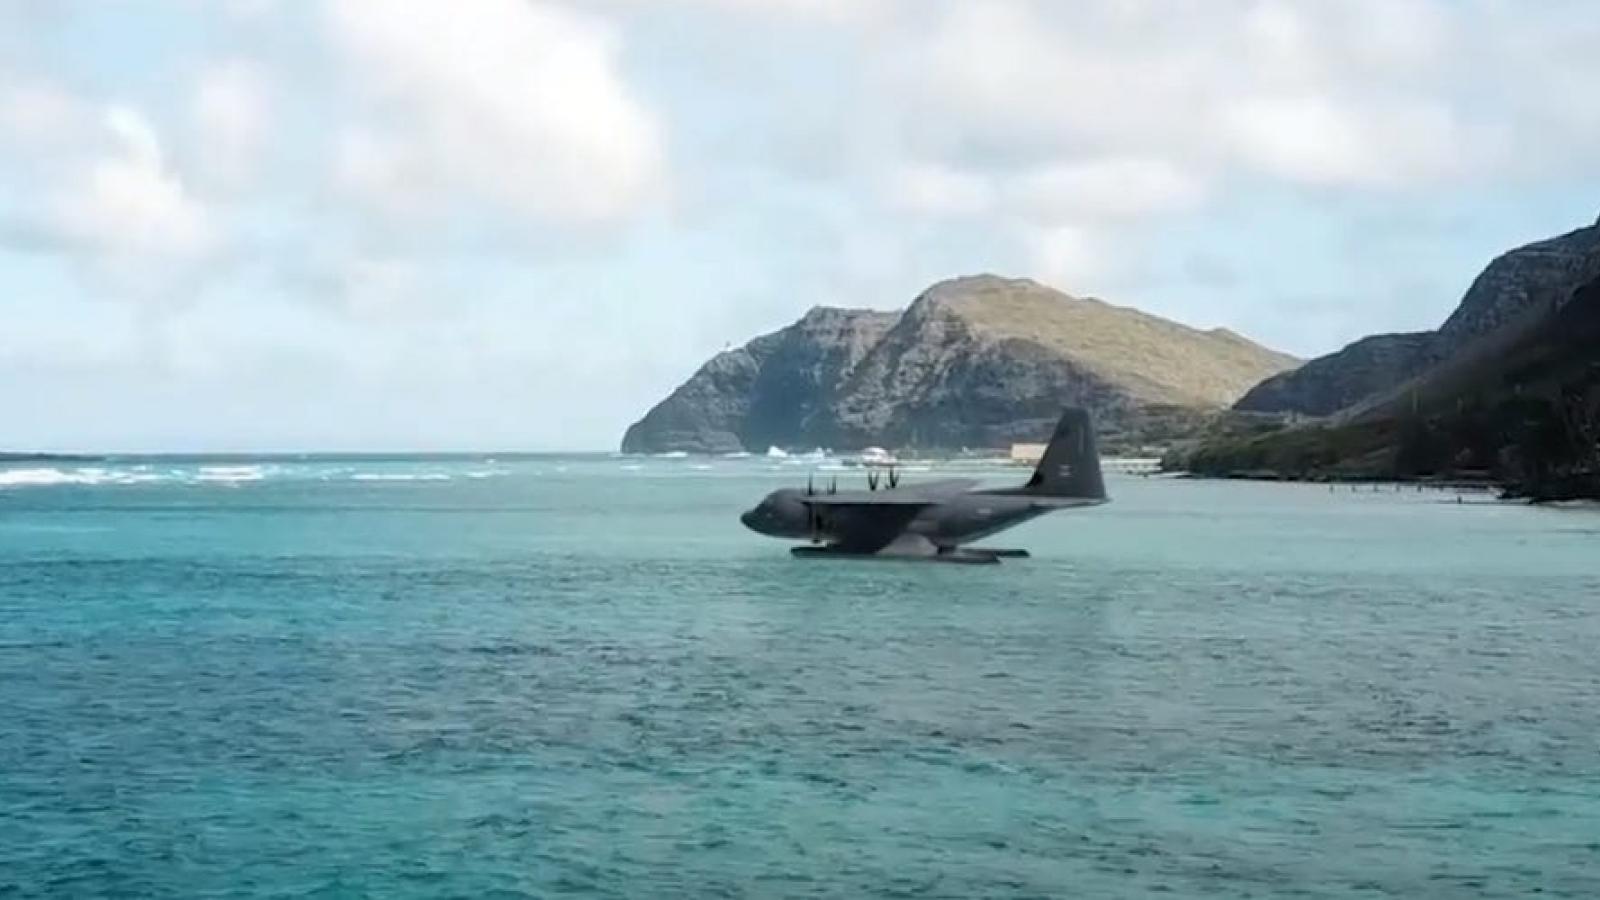 Tính toán của Mỹ khi biến những máy bay vận tải lớn nhất thành thủy phi cơ đổ bộ